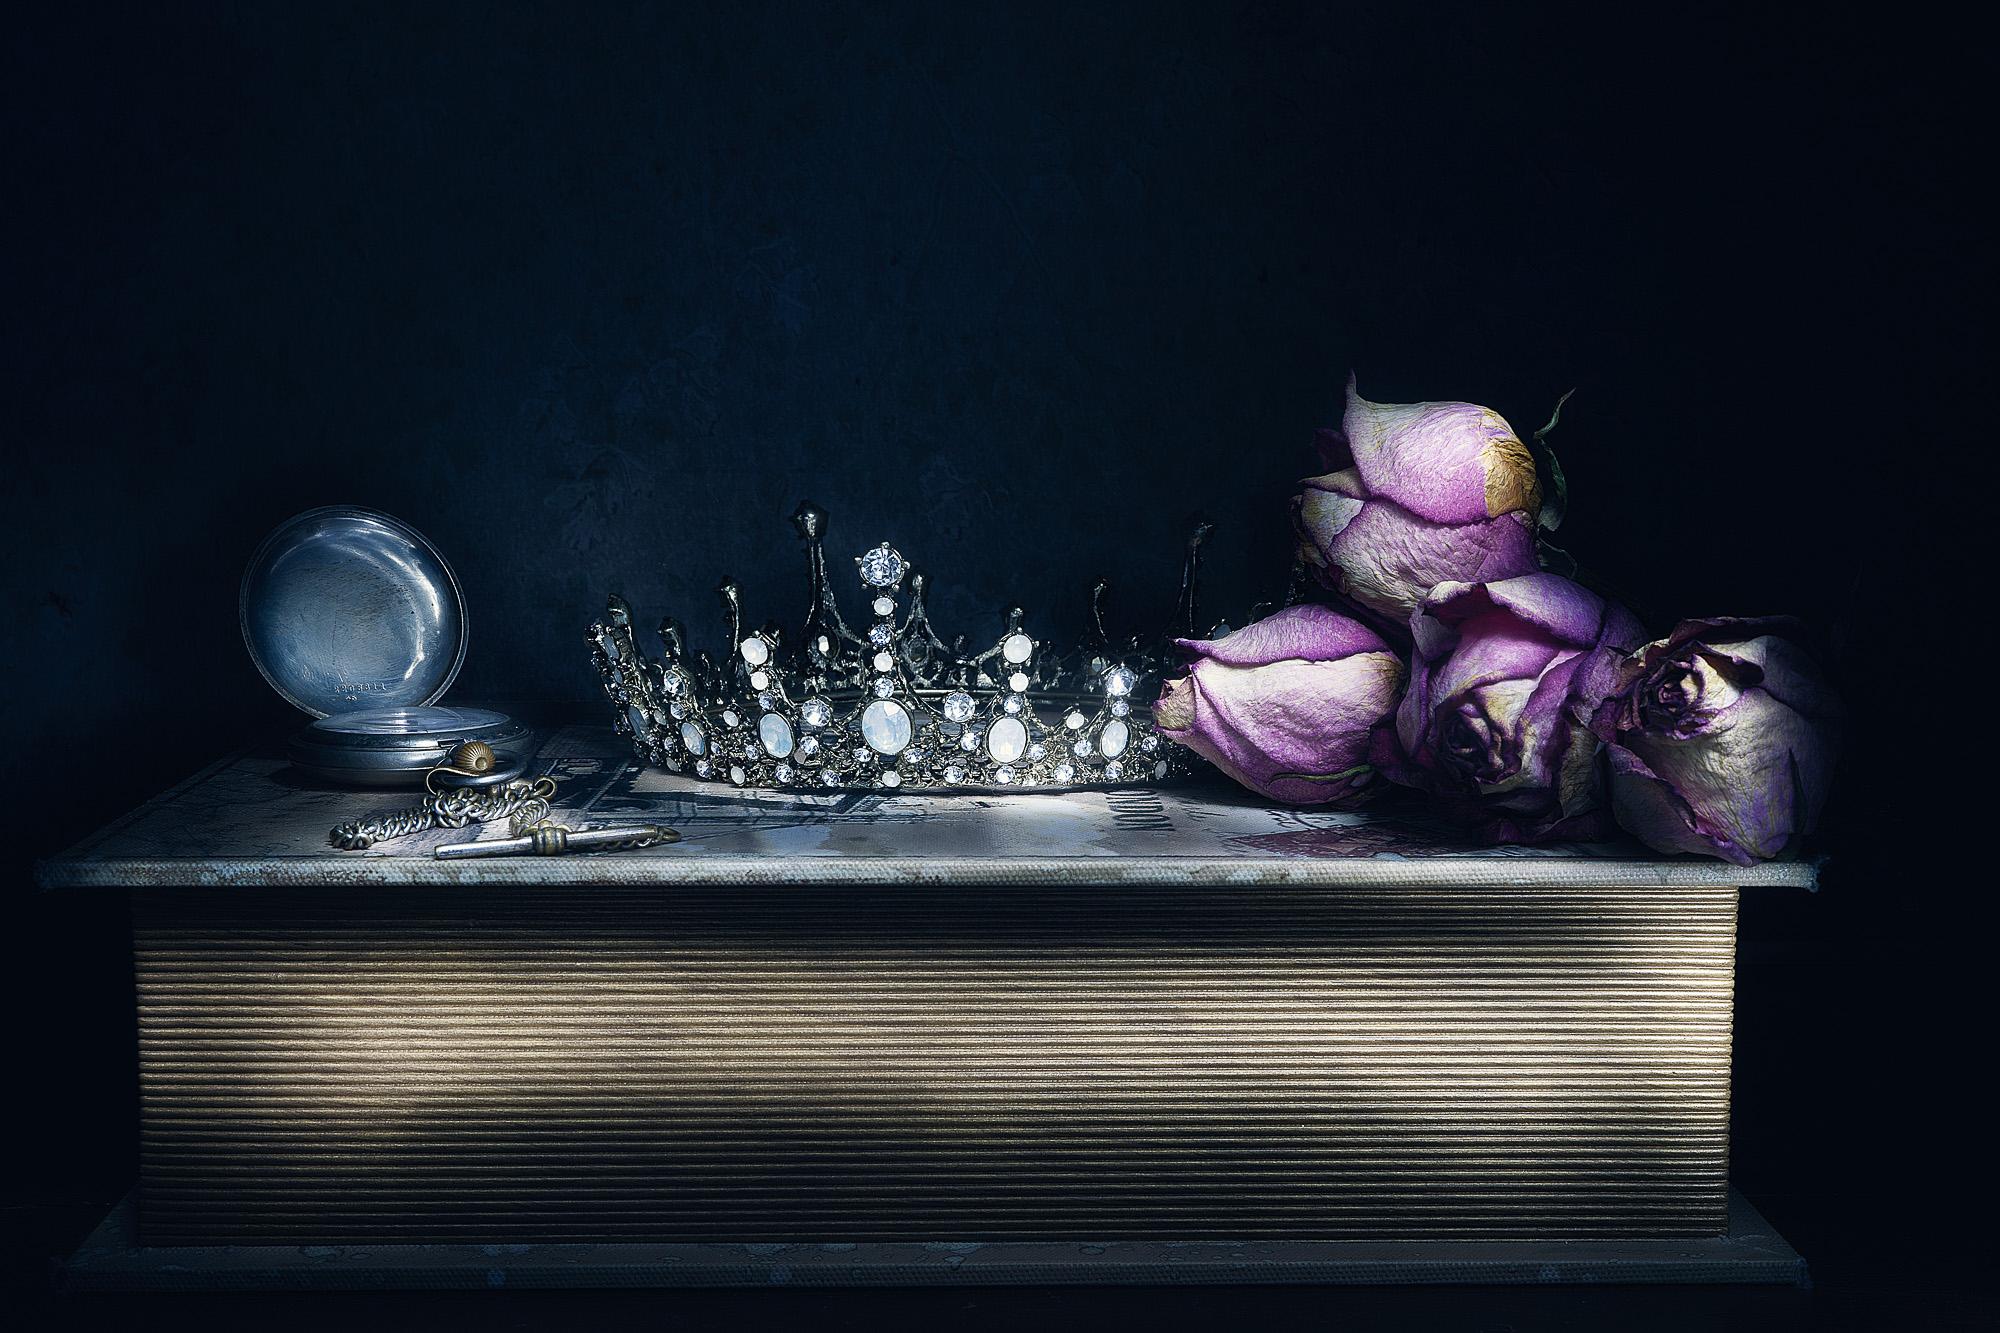 Julie Powell_Pears-2.jpg